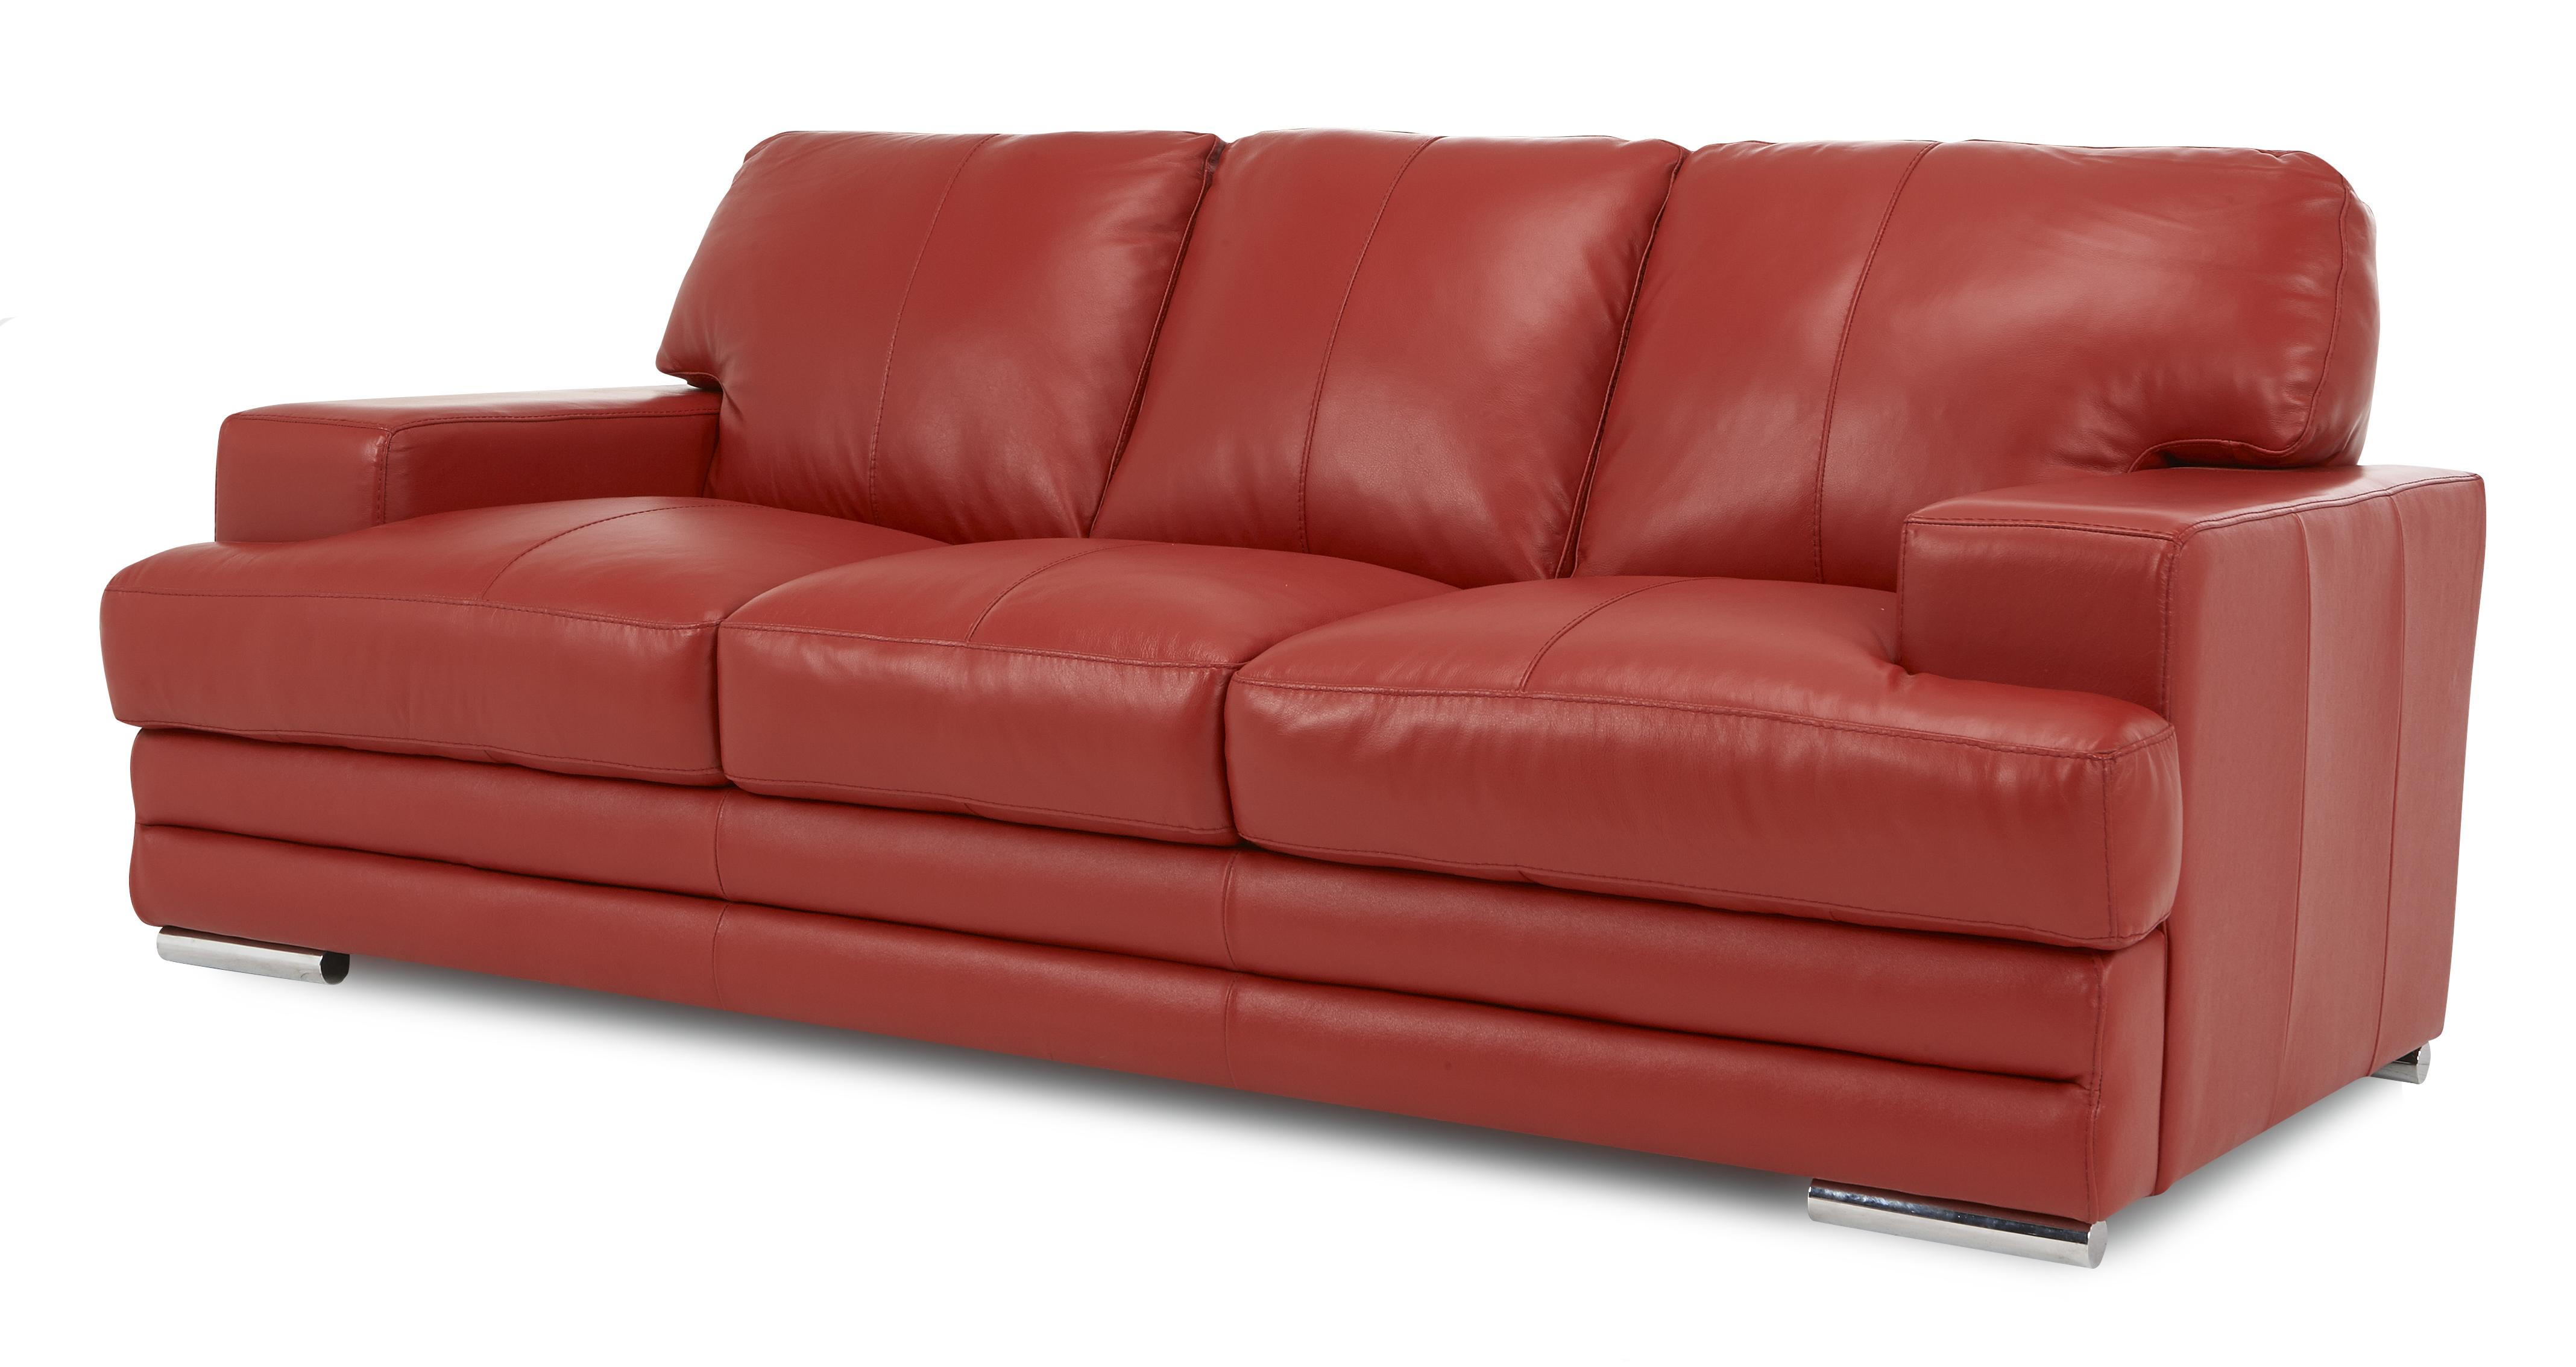 Glow 3 Seater Sofa Venezia DFS